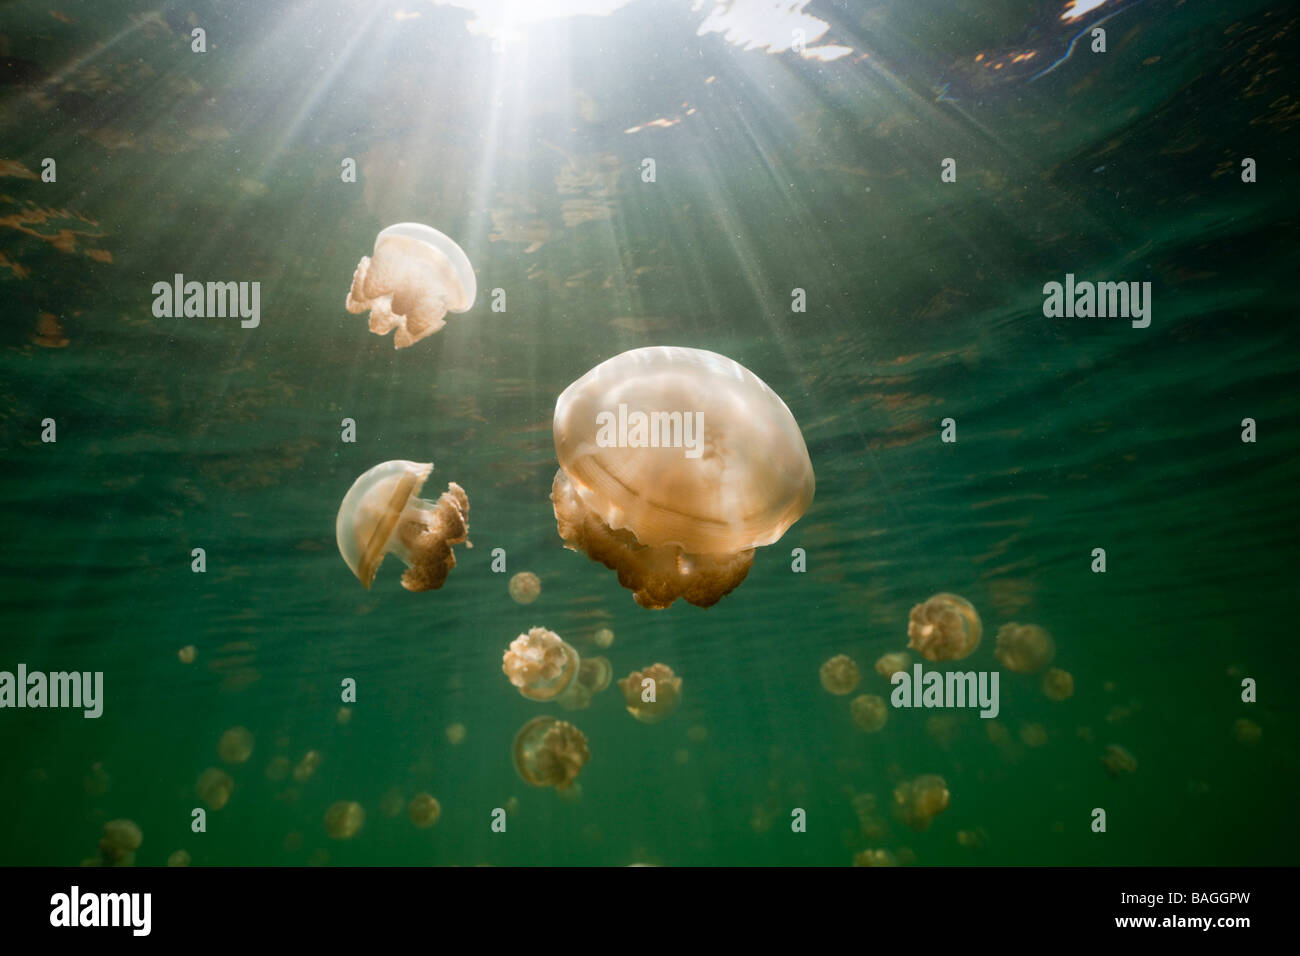 Endemische Mastigias Quallen Mastigias Papua Etpisonii Jellyfish Lake Mikronesien Palau Stockfoto